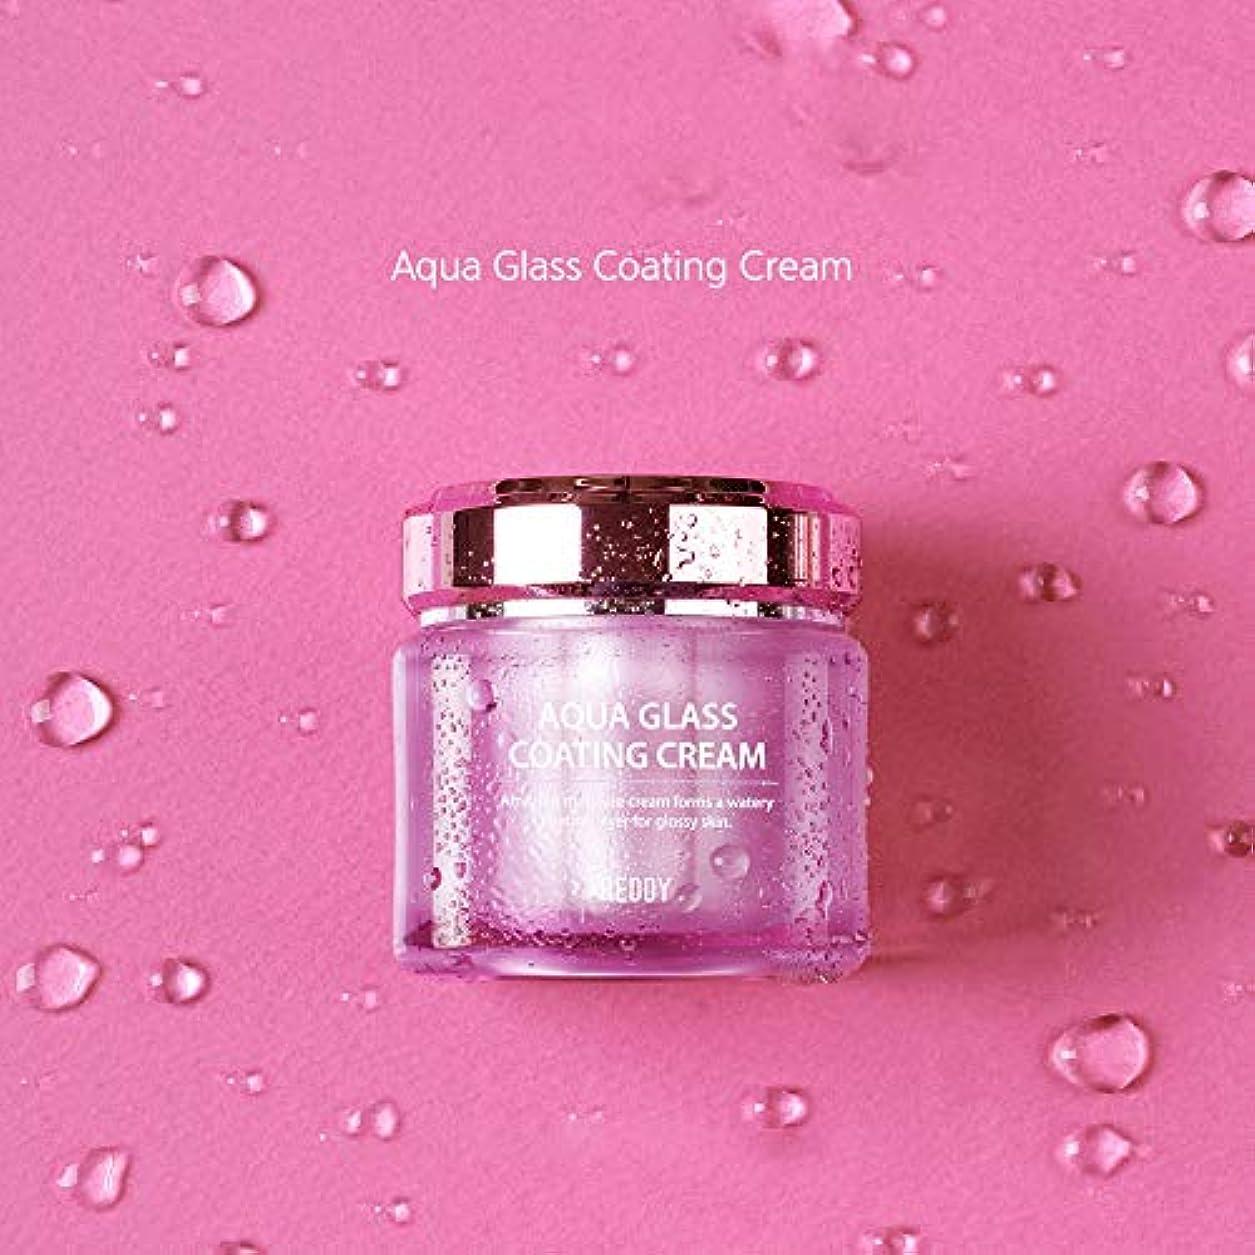 有効な温度フォーラムREDDY (レディ)(AQUA GLASS COATING CREAM)アクアグラス コーティング クリーム 50g